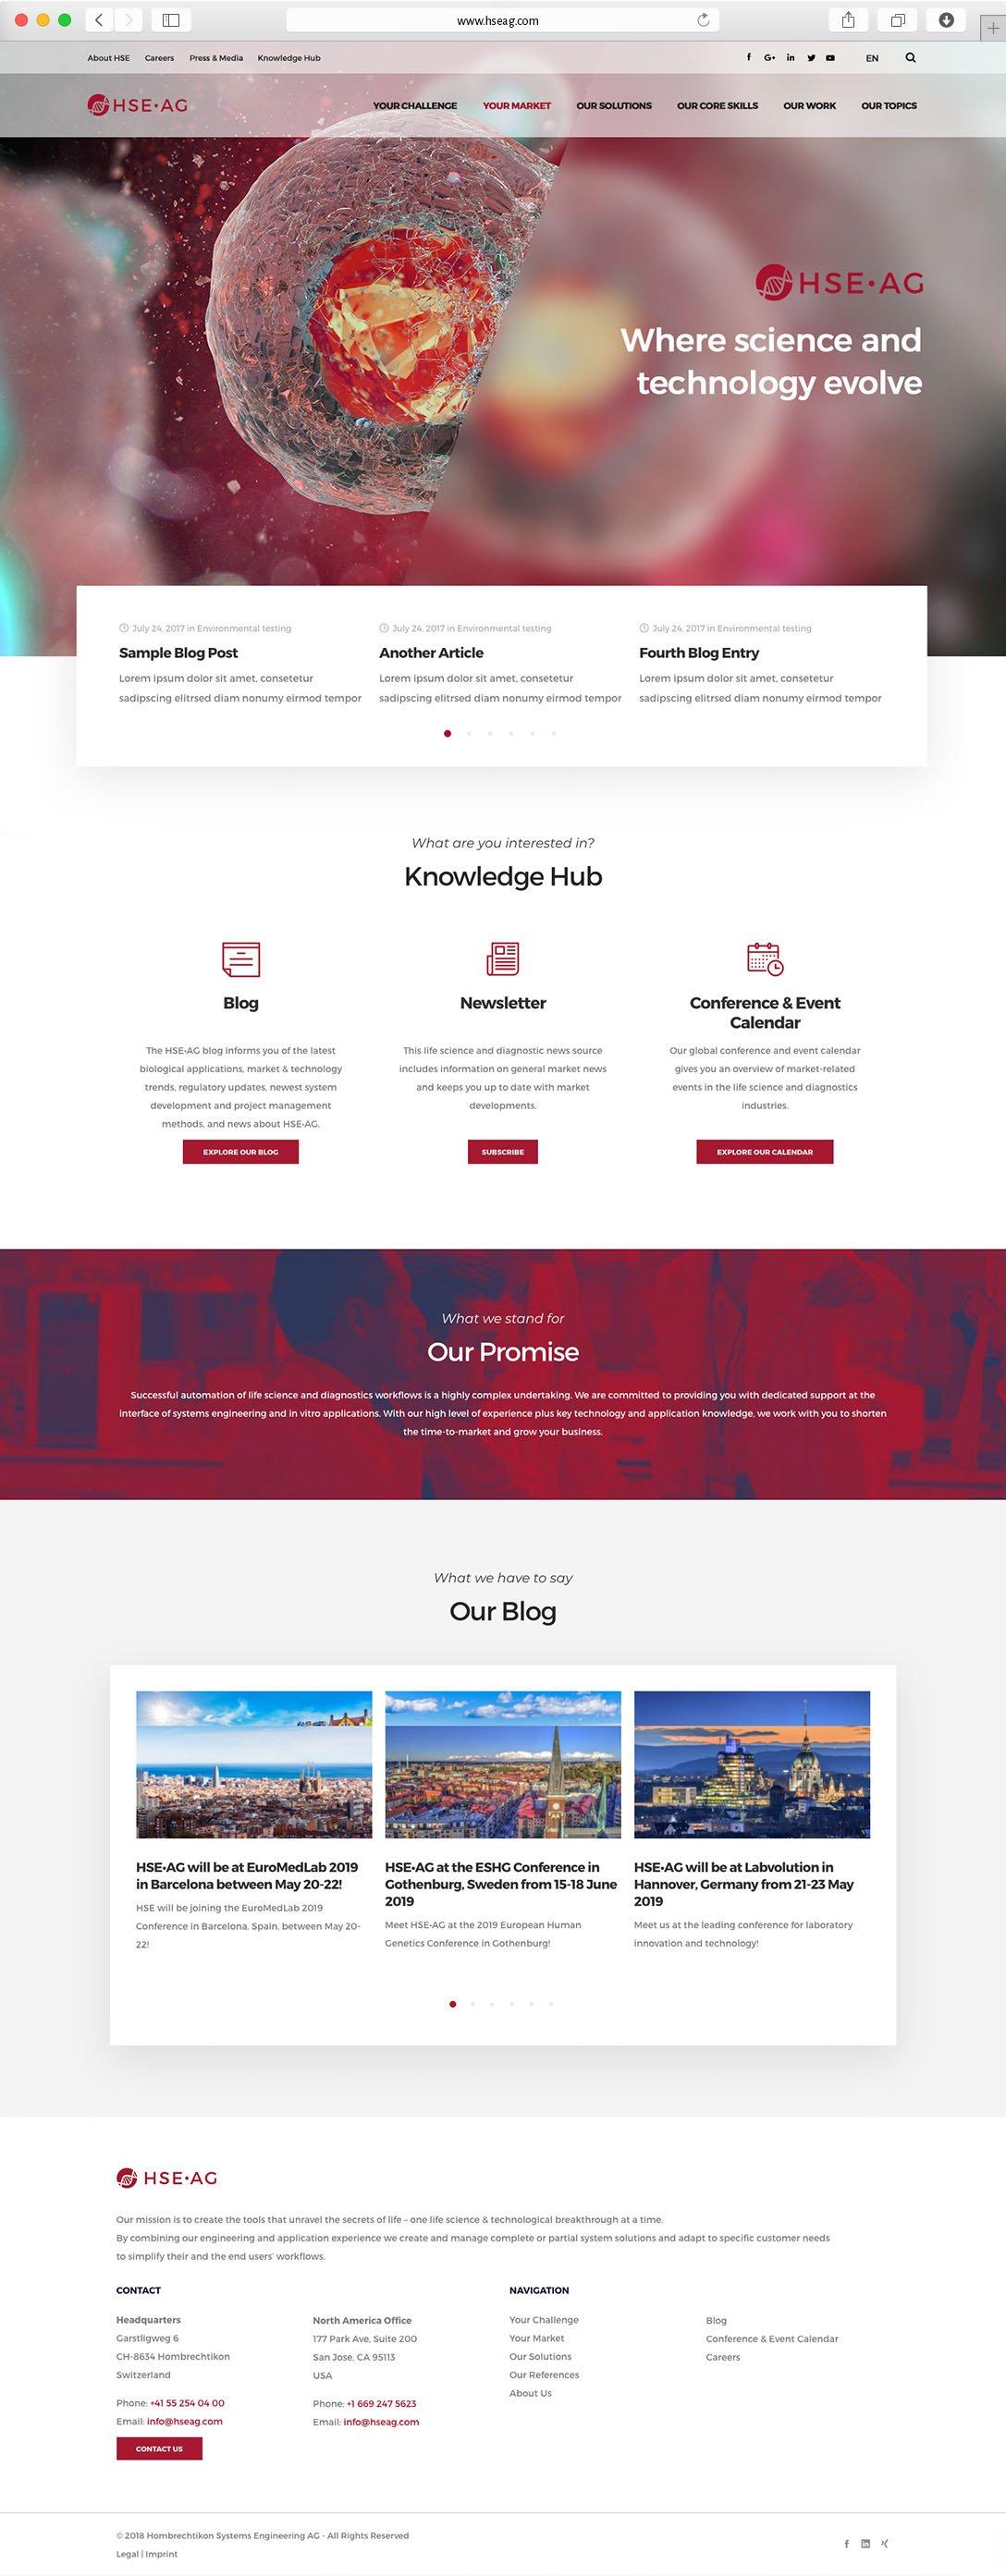 webdesign-bsp-HSE-full-1